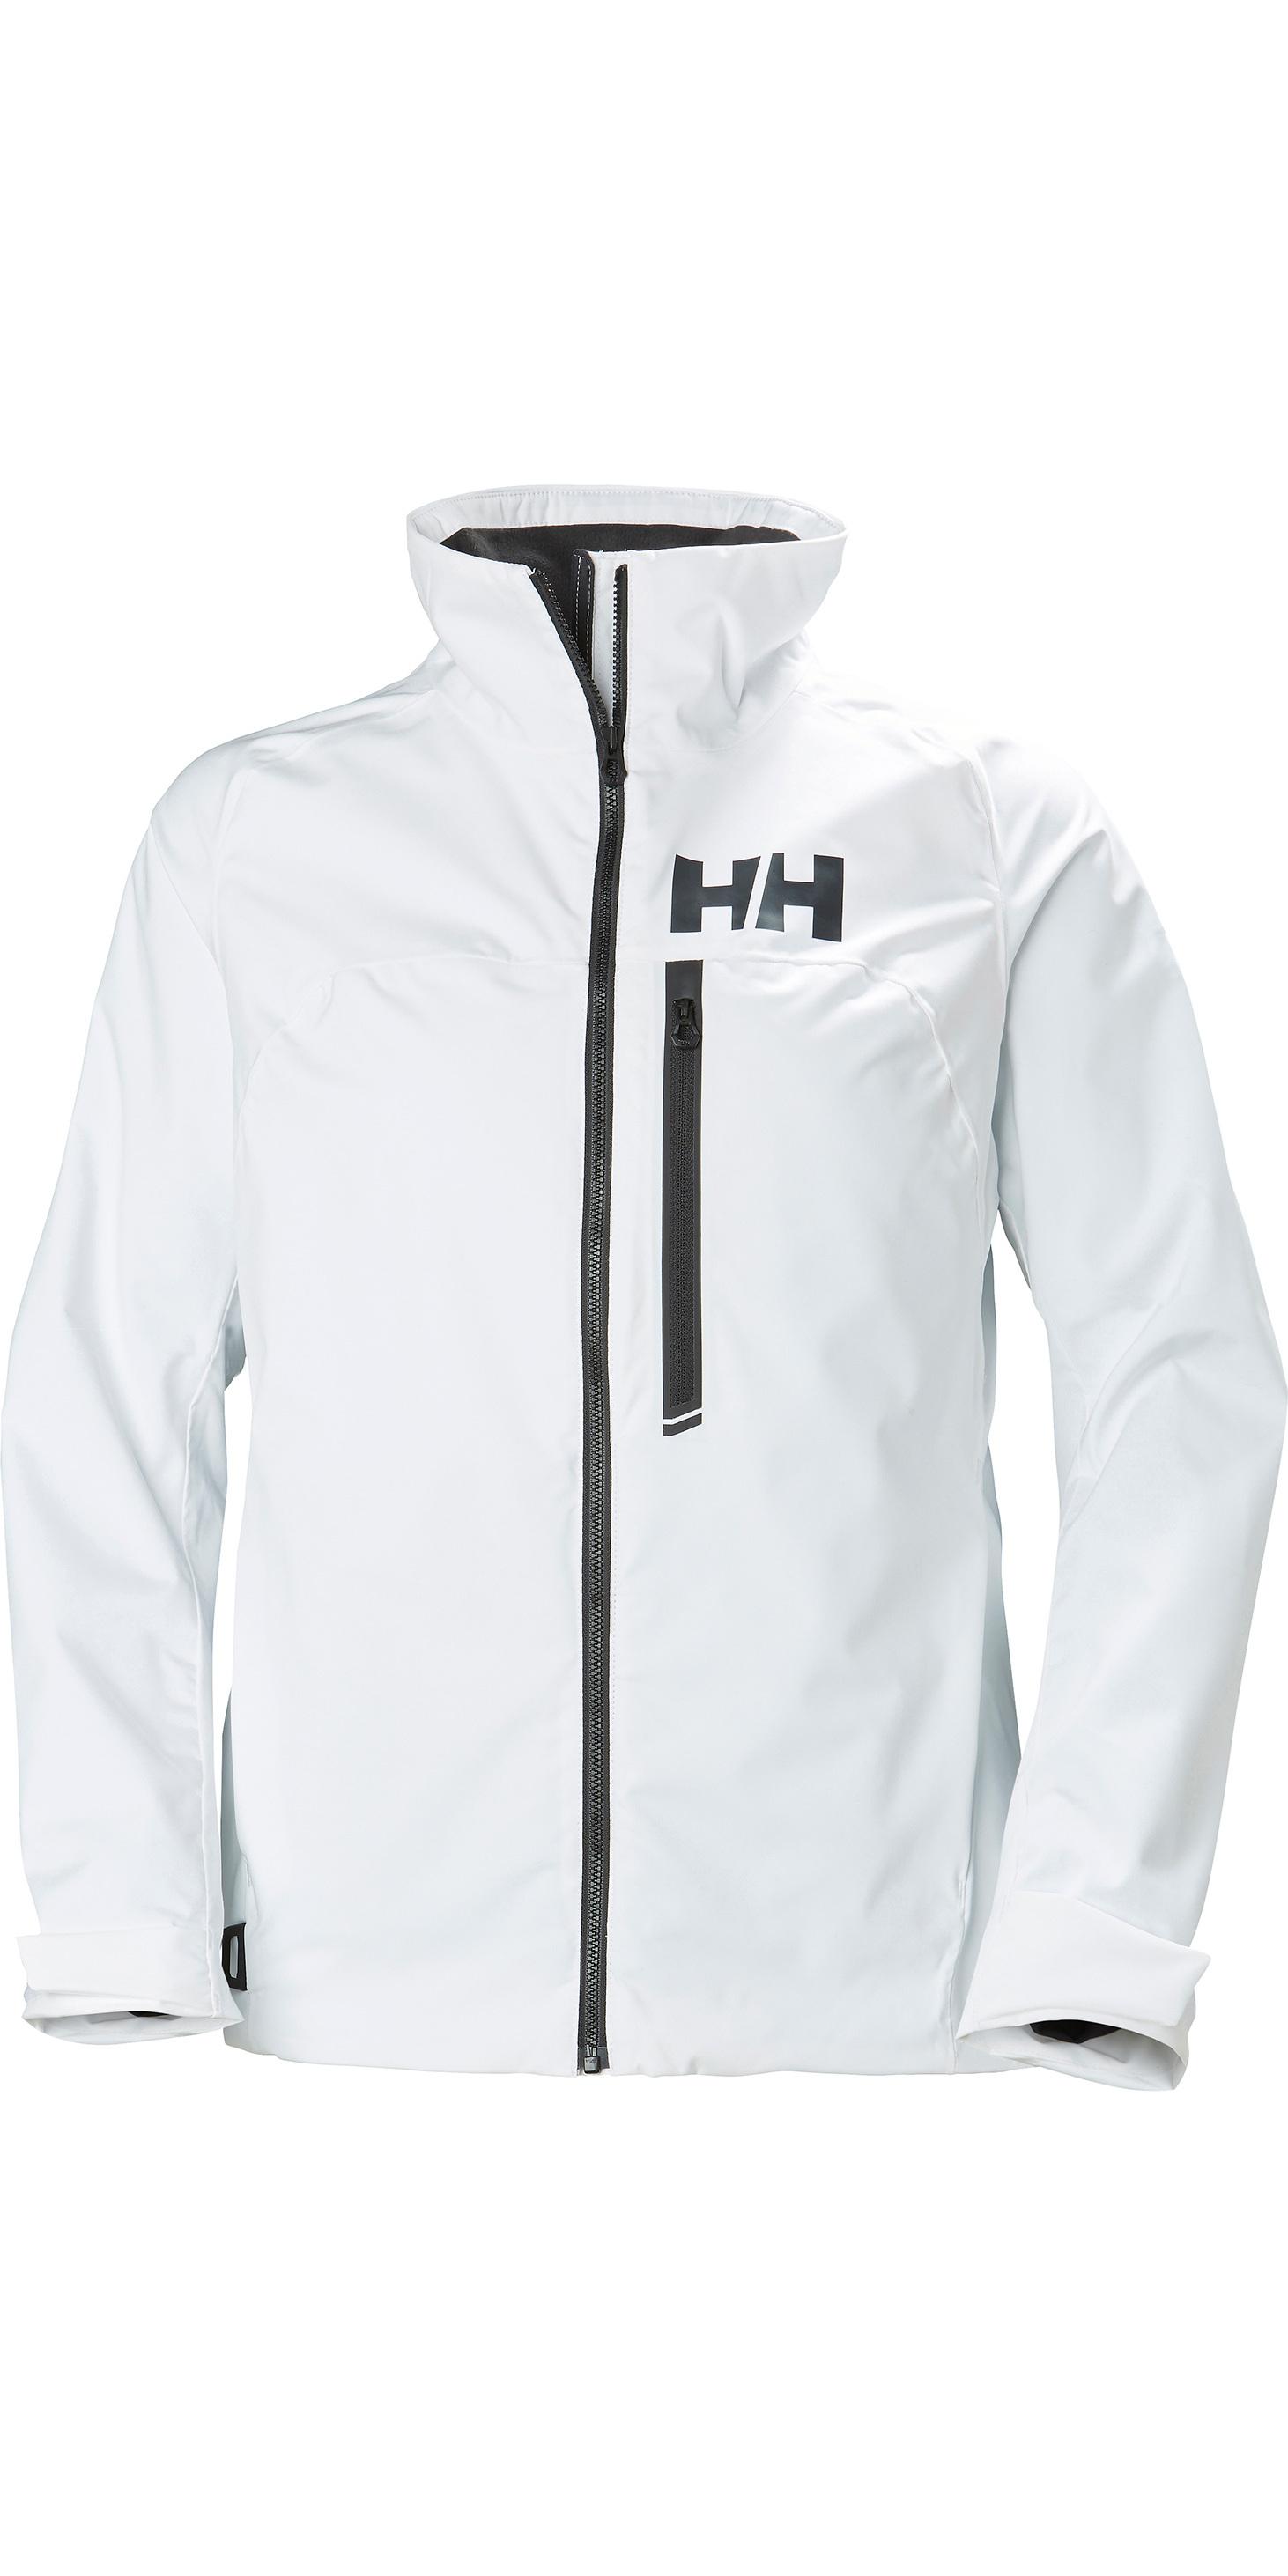 2020 Helly Hansen naisten HP Racing keskikerroksen takki